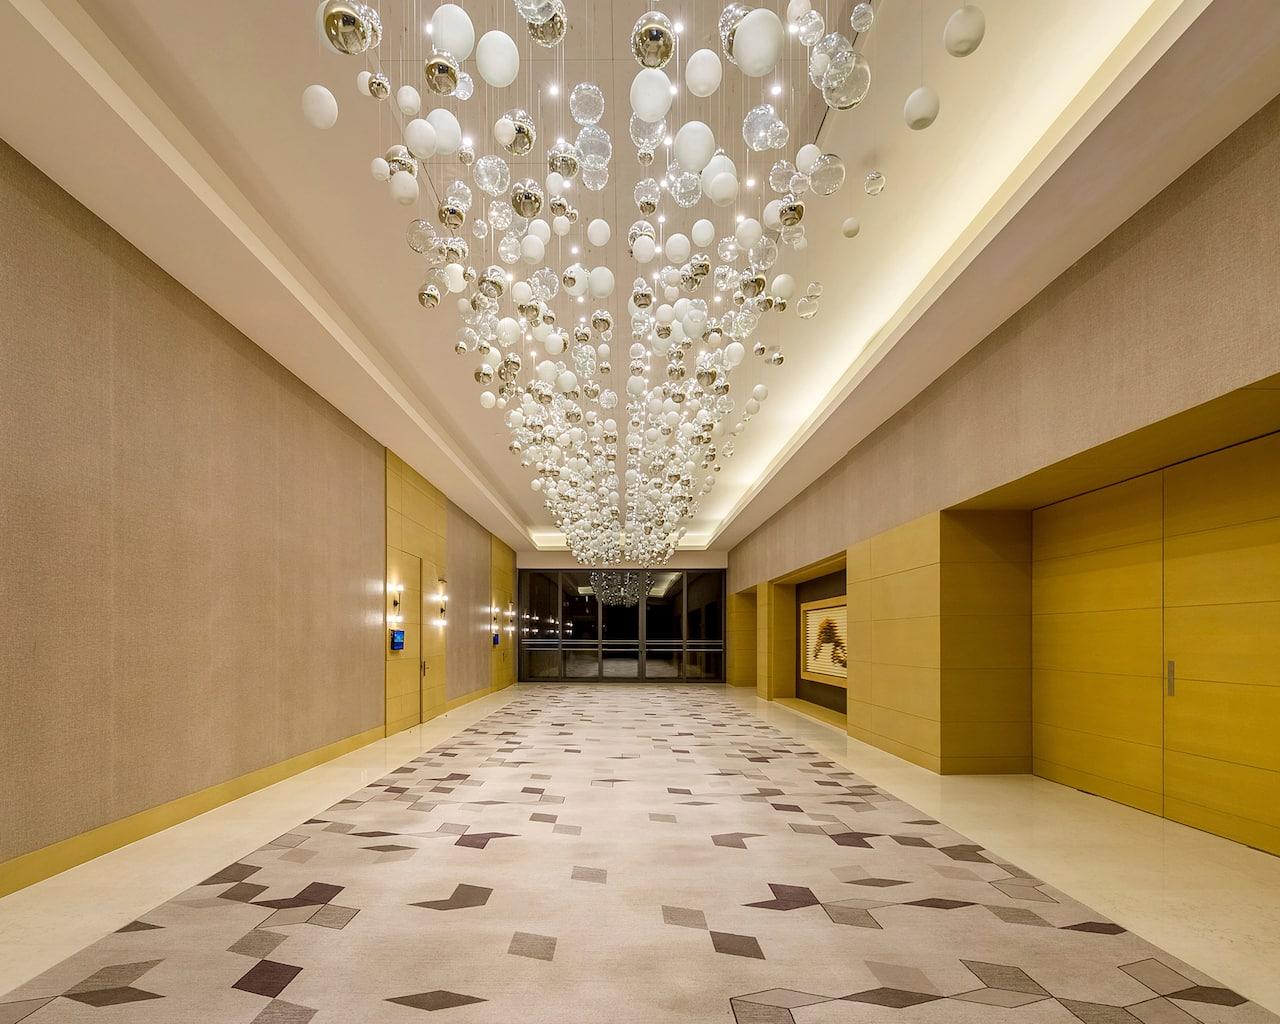 Hyatt Regency Andares Guadalajara - Regency Ballroom Foyer